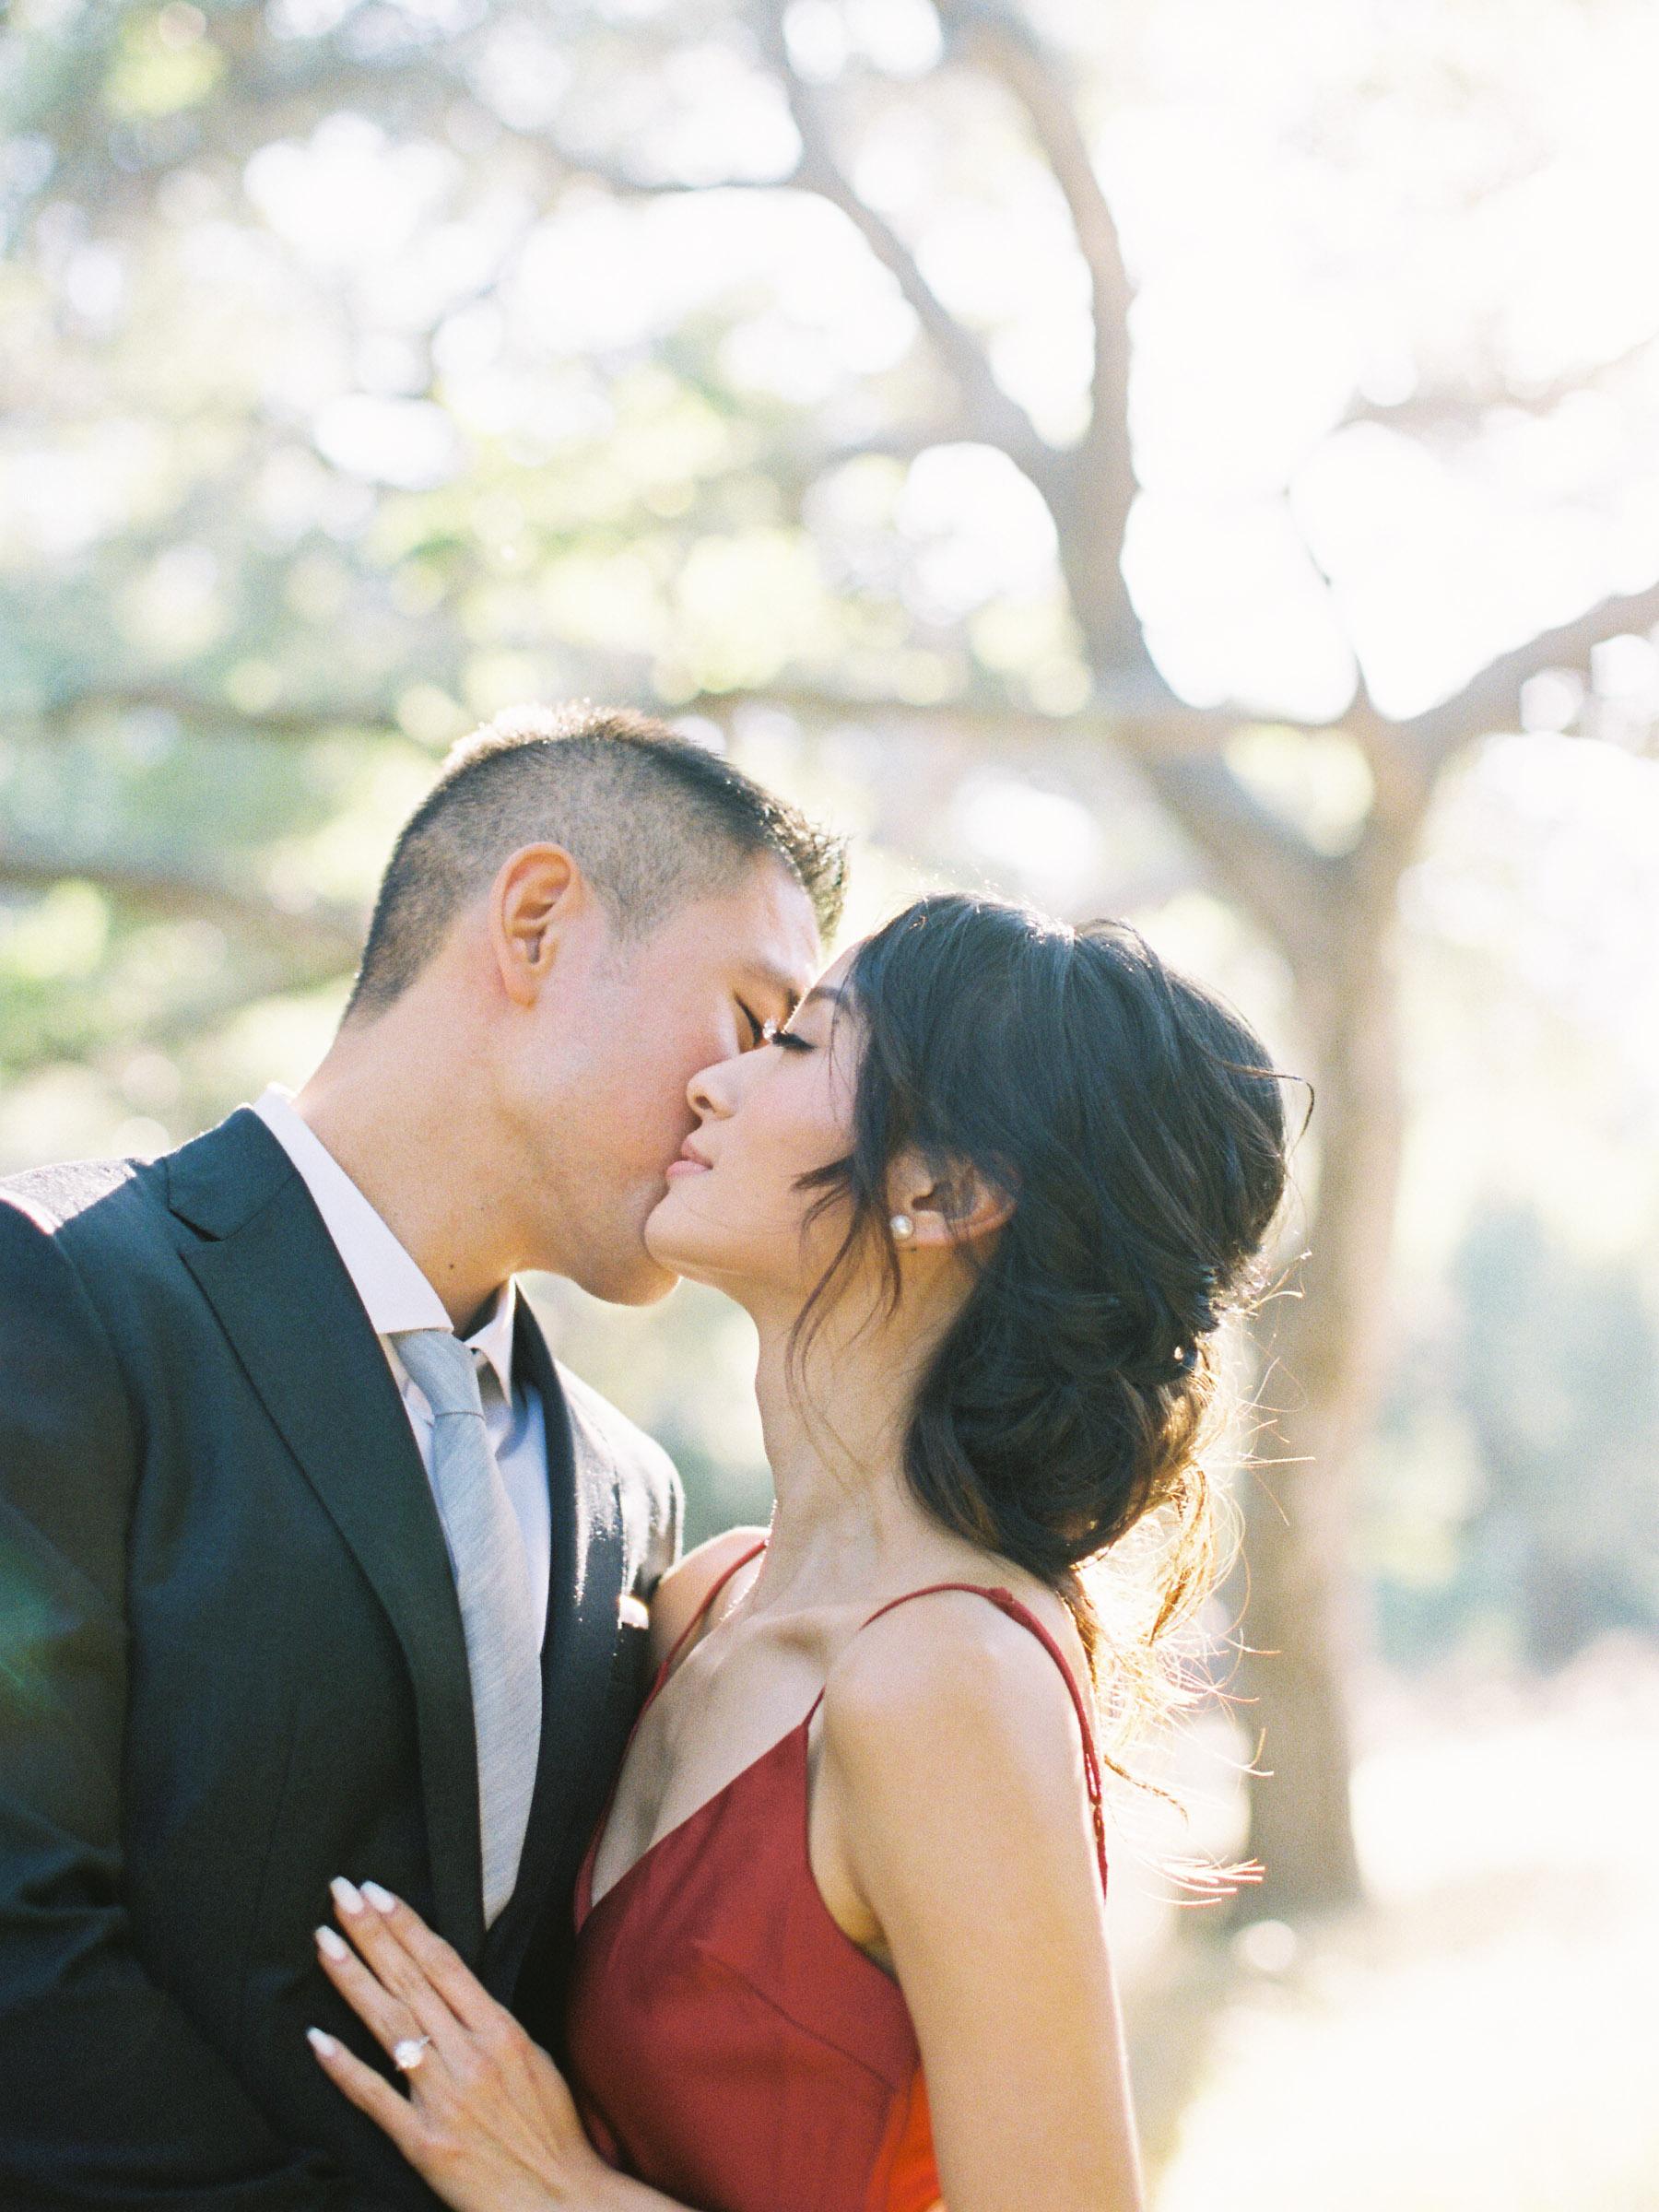 Santa-Barbara-Engagement-130-Jen-Huang-009945-R1-025.jpg